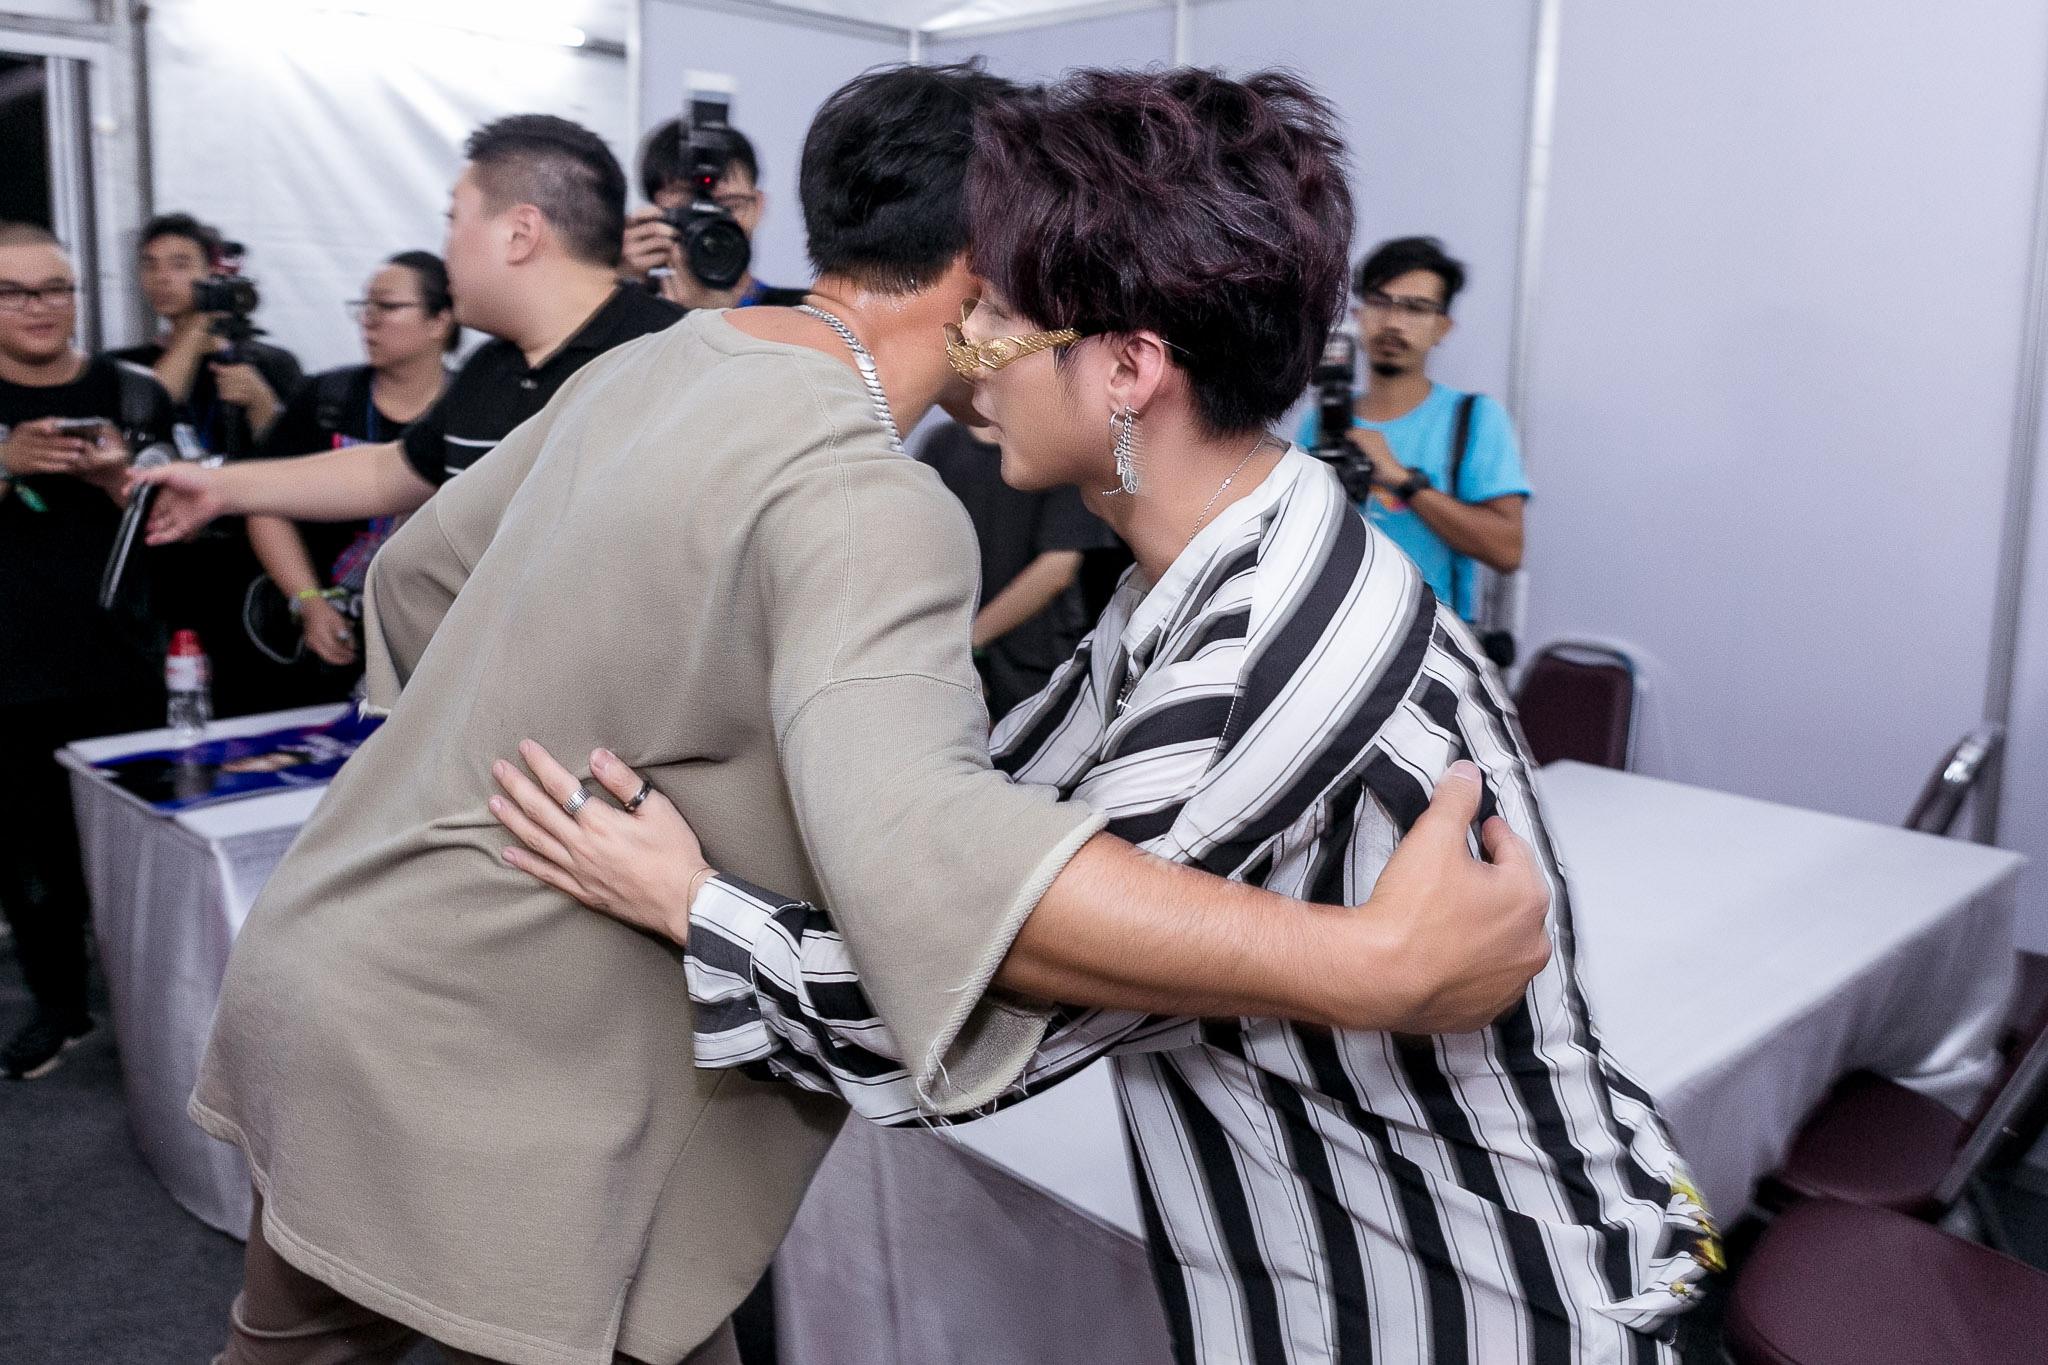 Sao Việt: Sơn Tùng M-TP bắt tay, ôm Bi Rain sau khi diễn xong đại nhạc hội tại Thái Lan